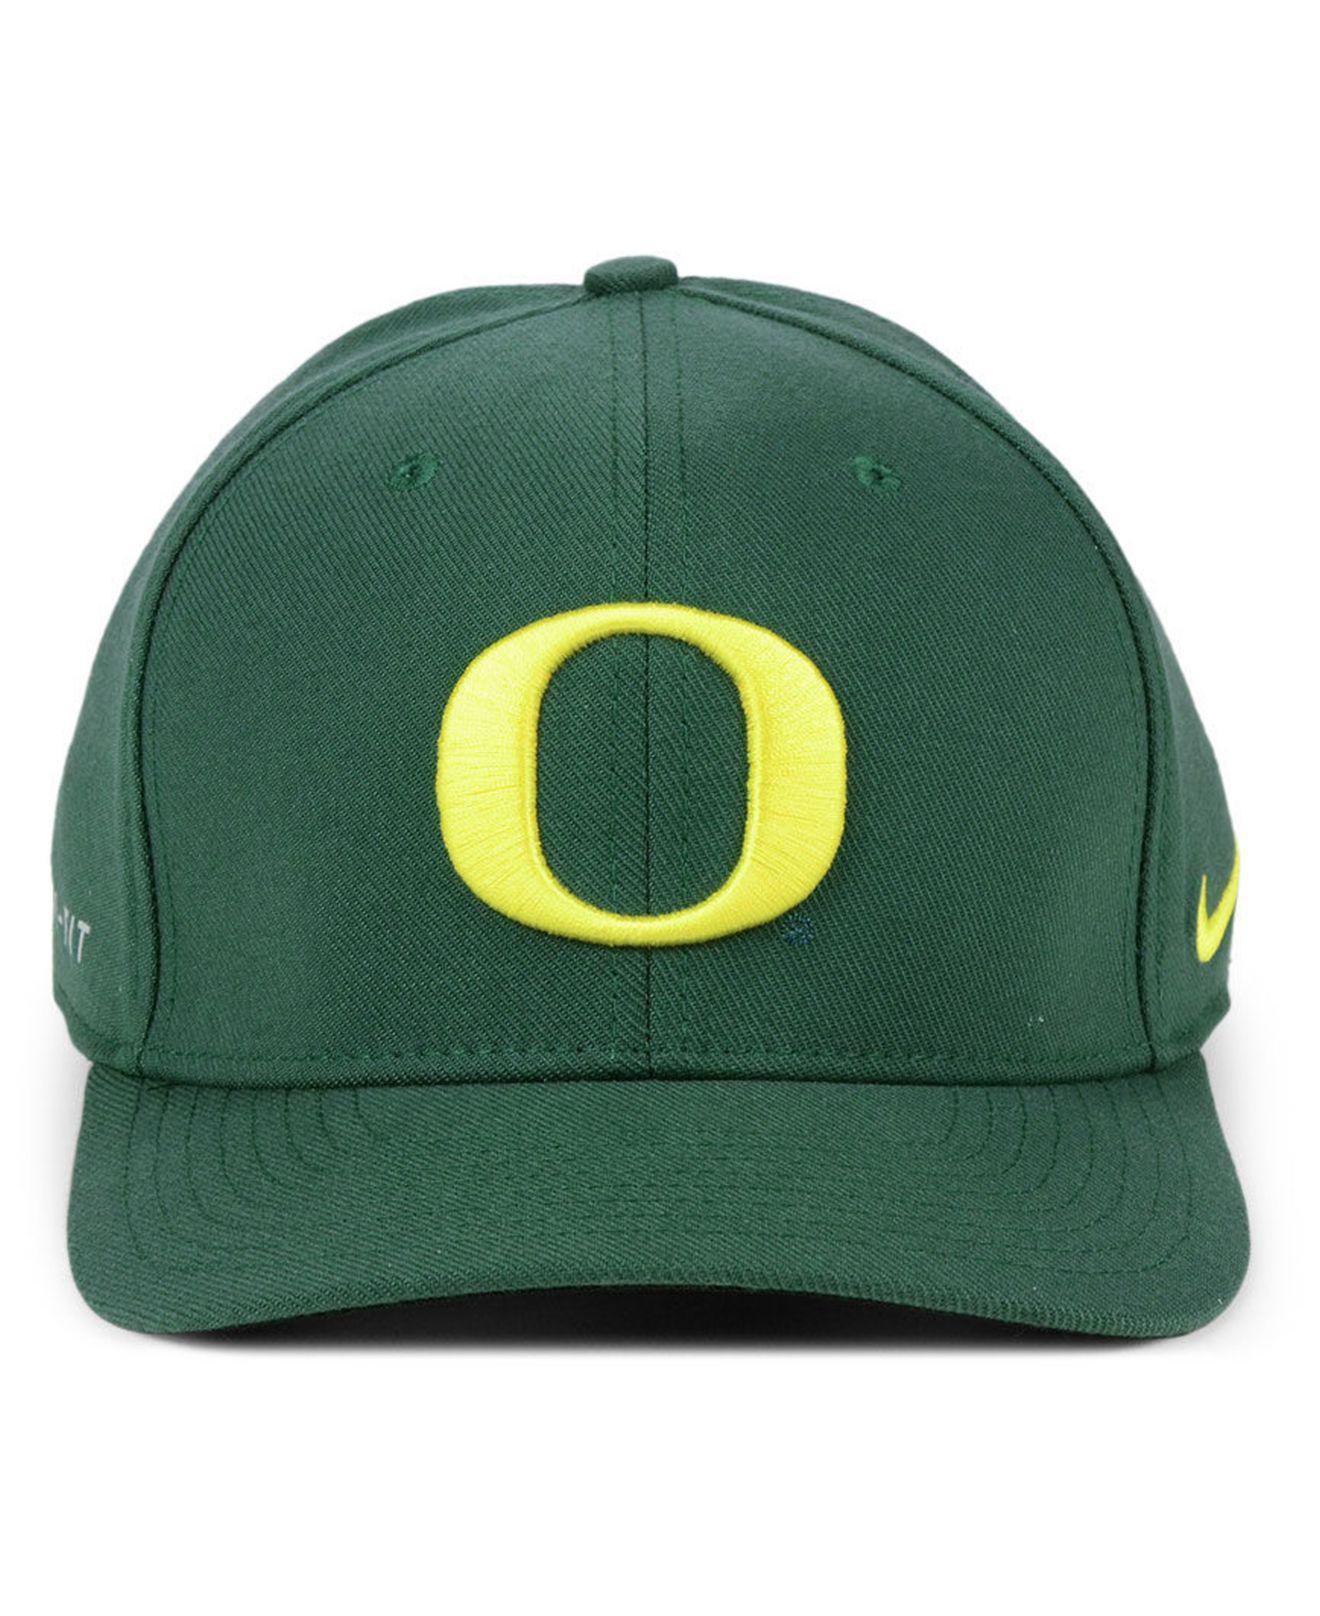 new style 7b6f3 c677f Lyst - Nike Oregon Ducks Col Dri-fit Wool Cap in Green for Men